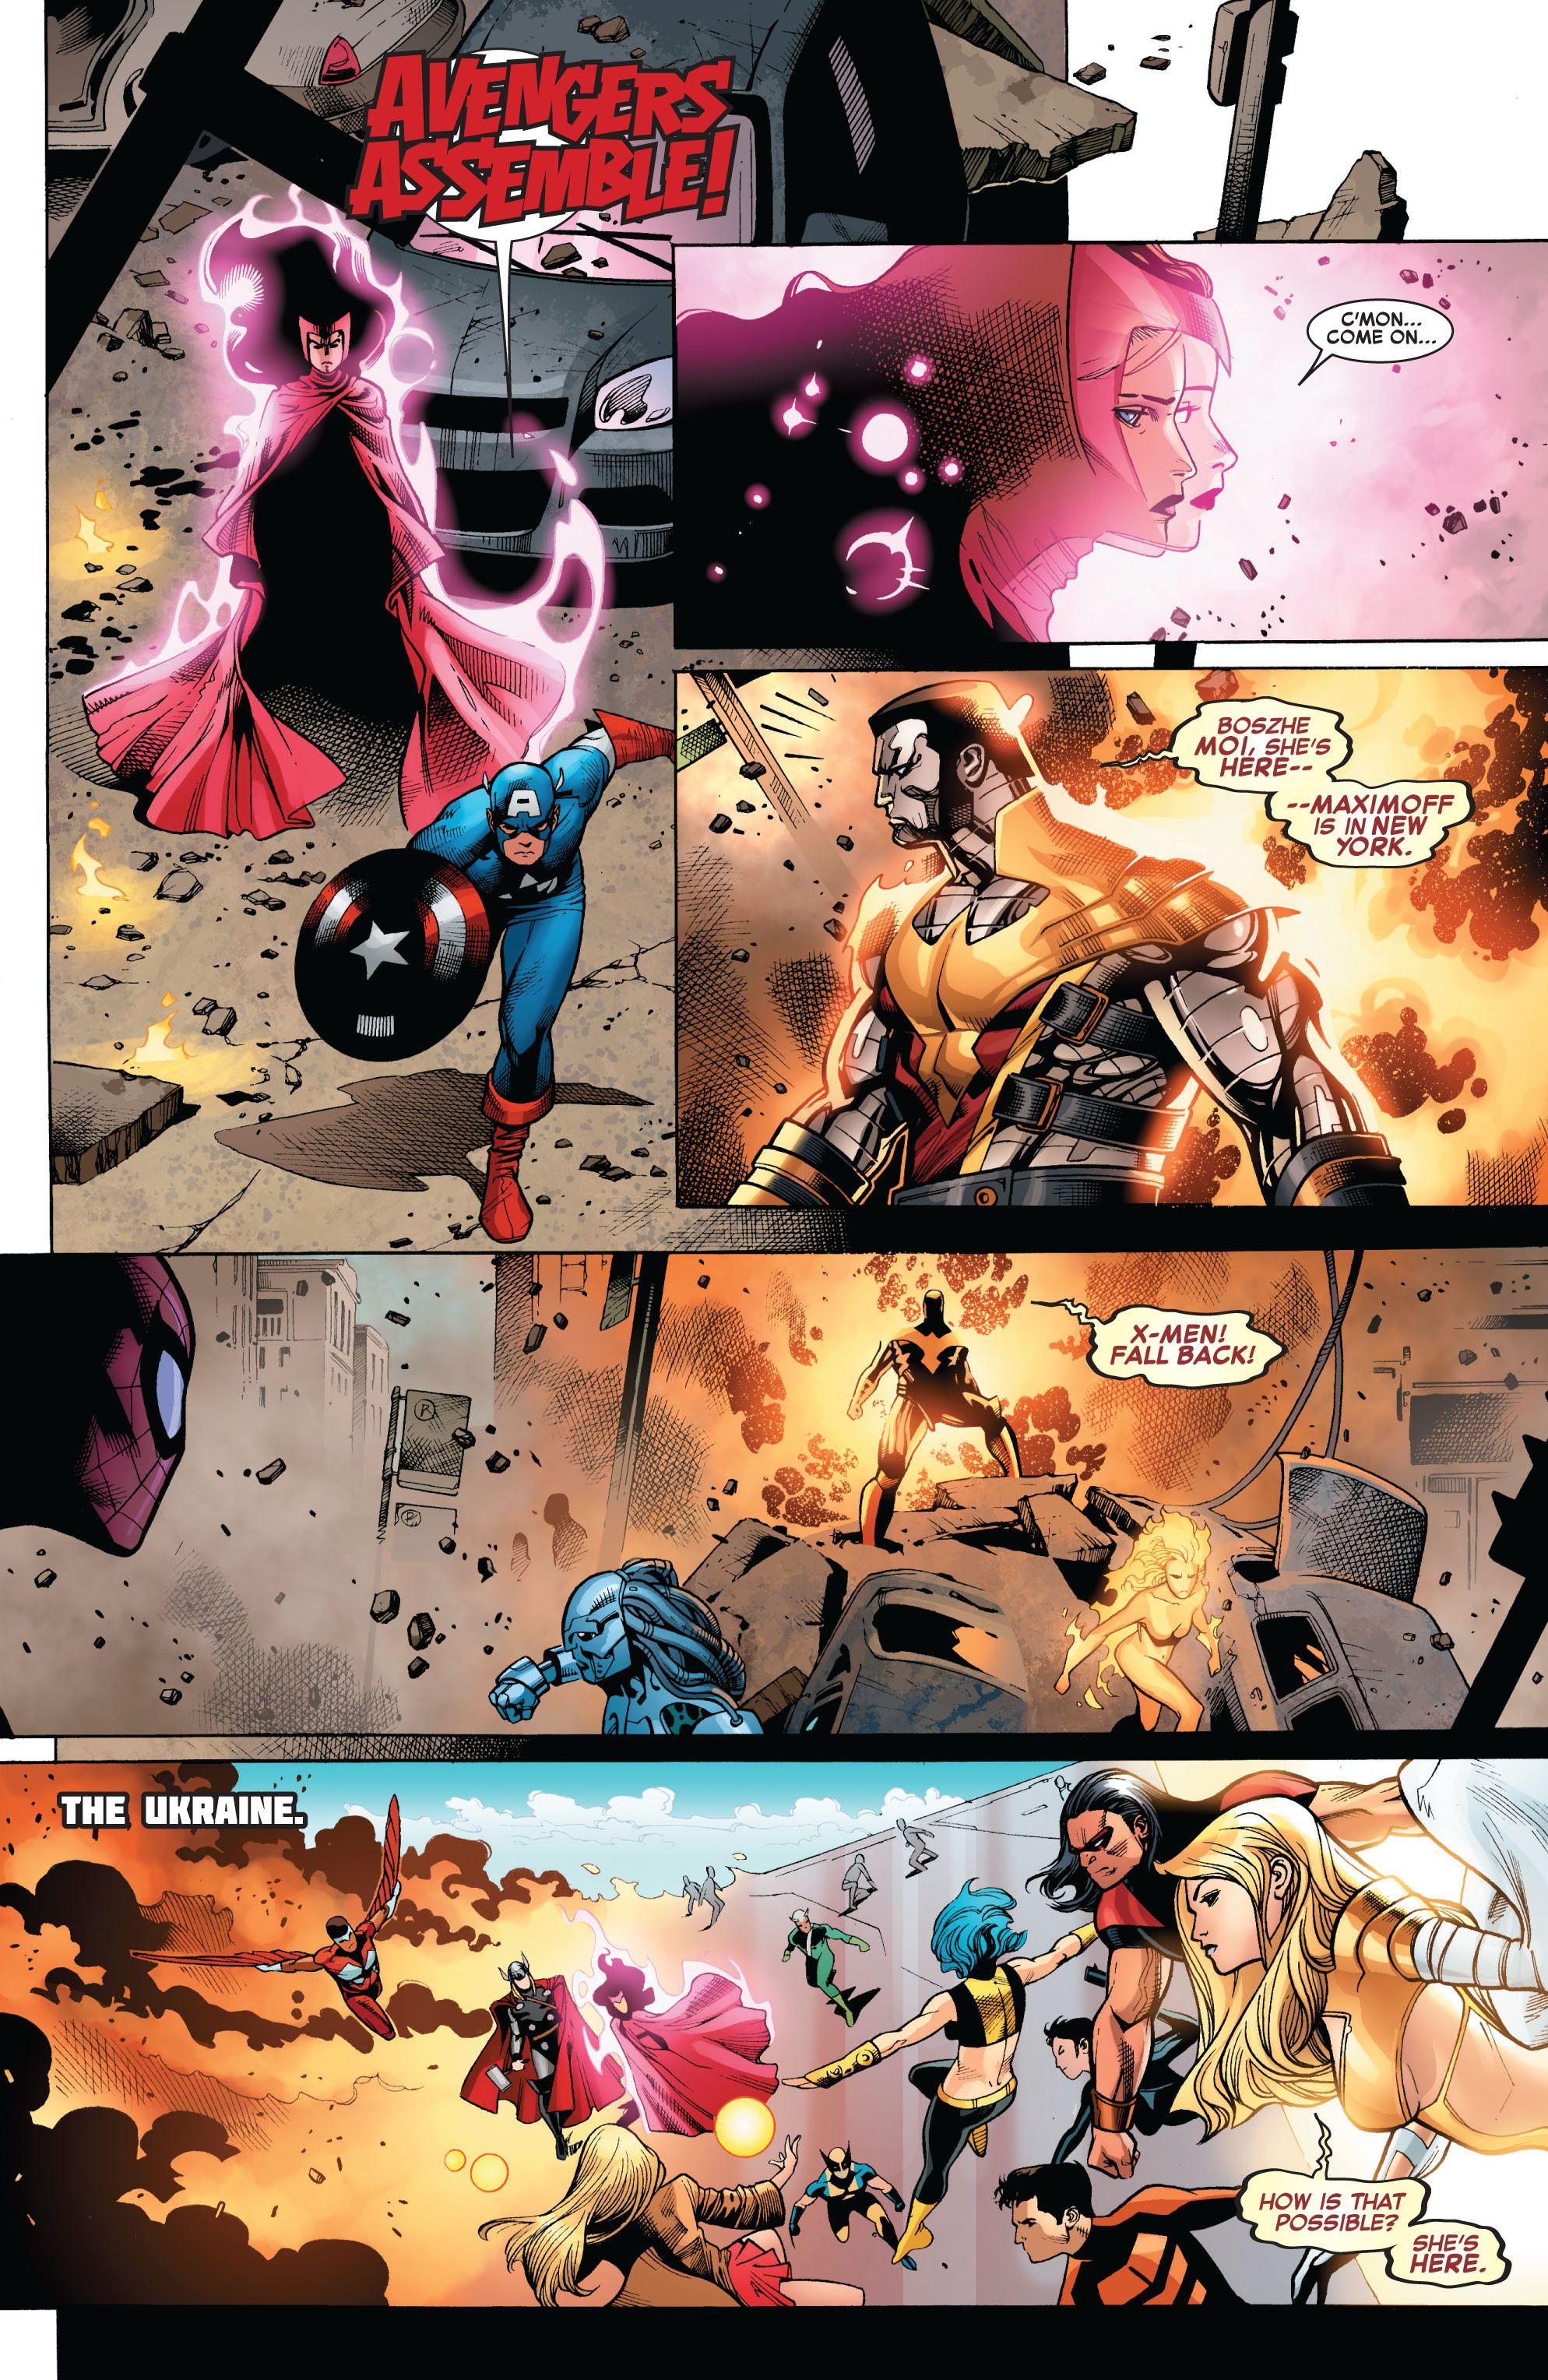 Avengers Vs X Men Issue 7 Read Avengers Vs X Men Issue 7 Comic Online In High Quality Comics Avengers X Men